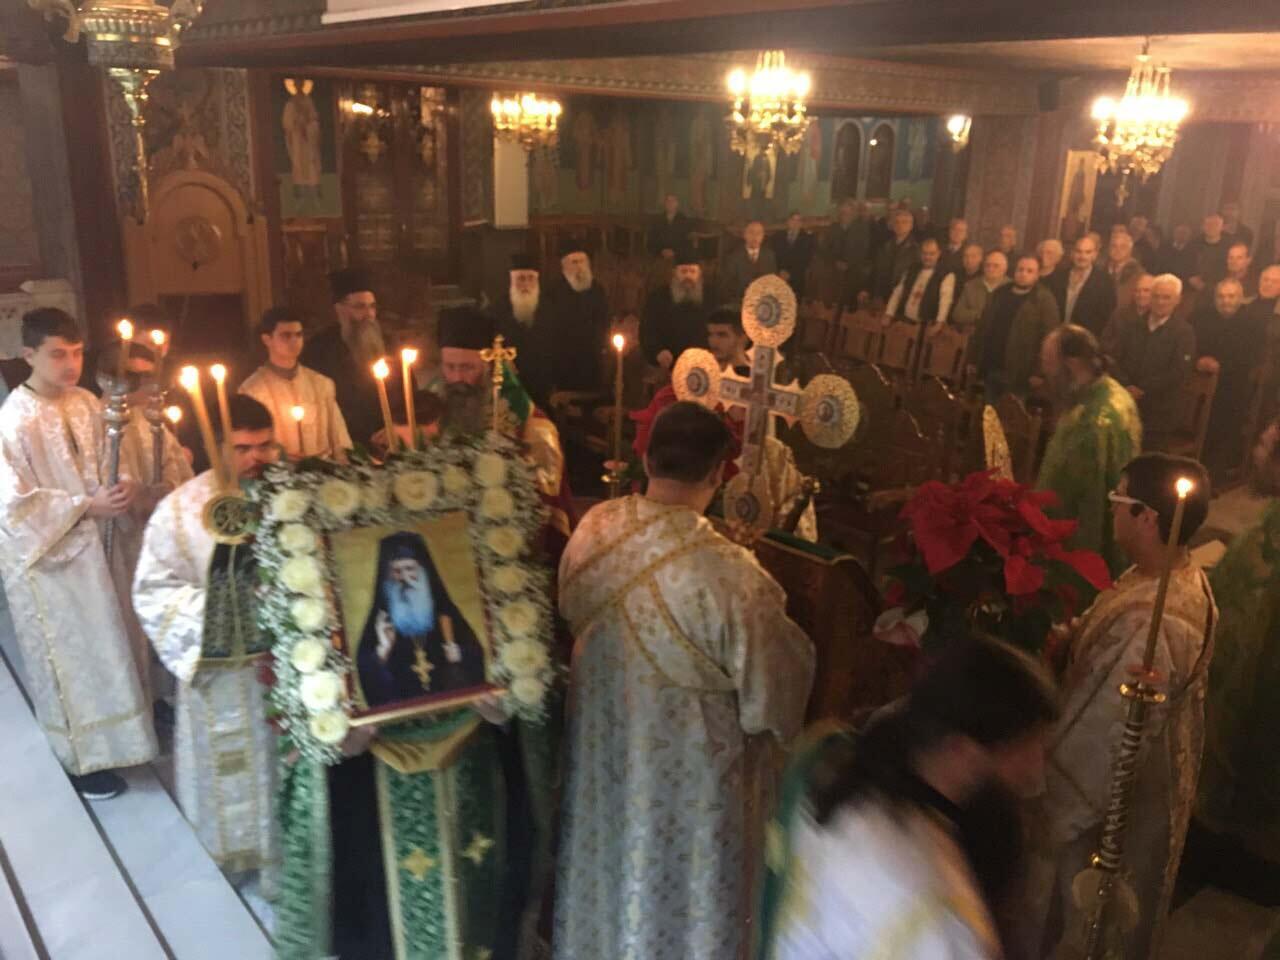 Αγιοκατατάξη του Αγίου Ιακώβου (Τσαλίκη) Στην Ιερά Μητρόπολη Κίτρους